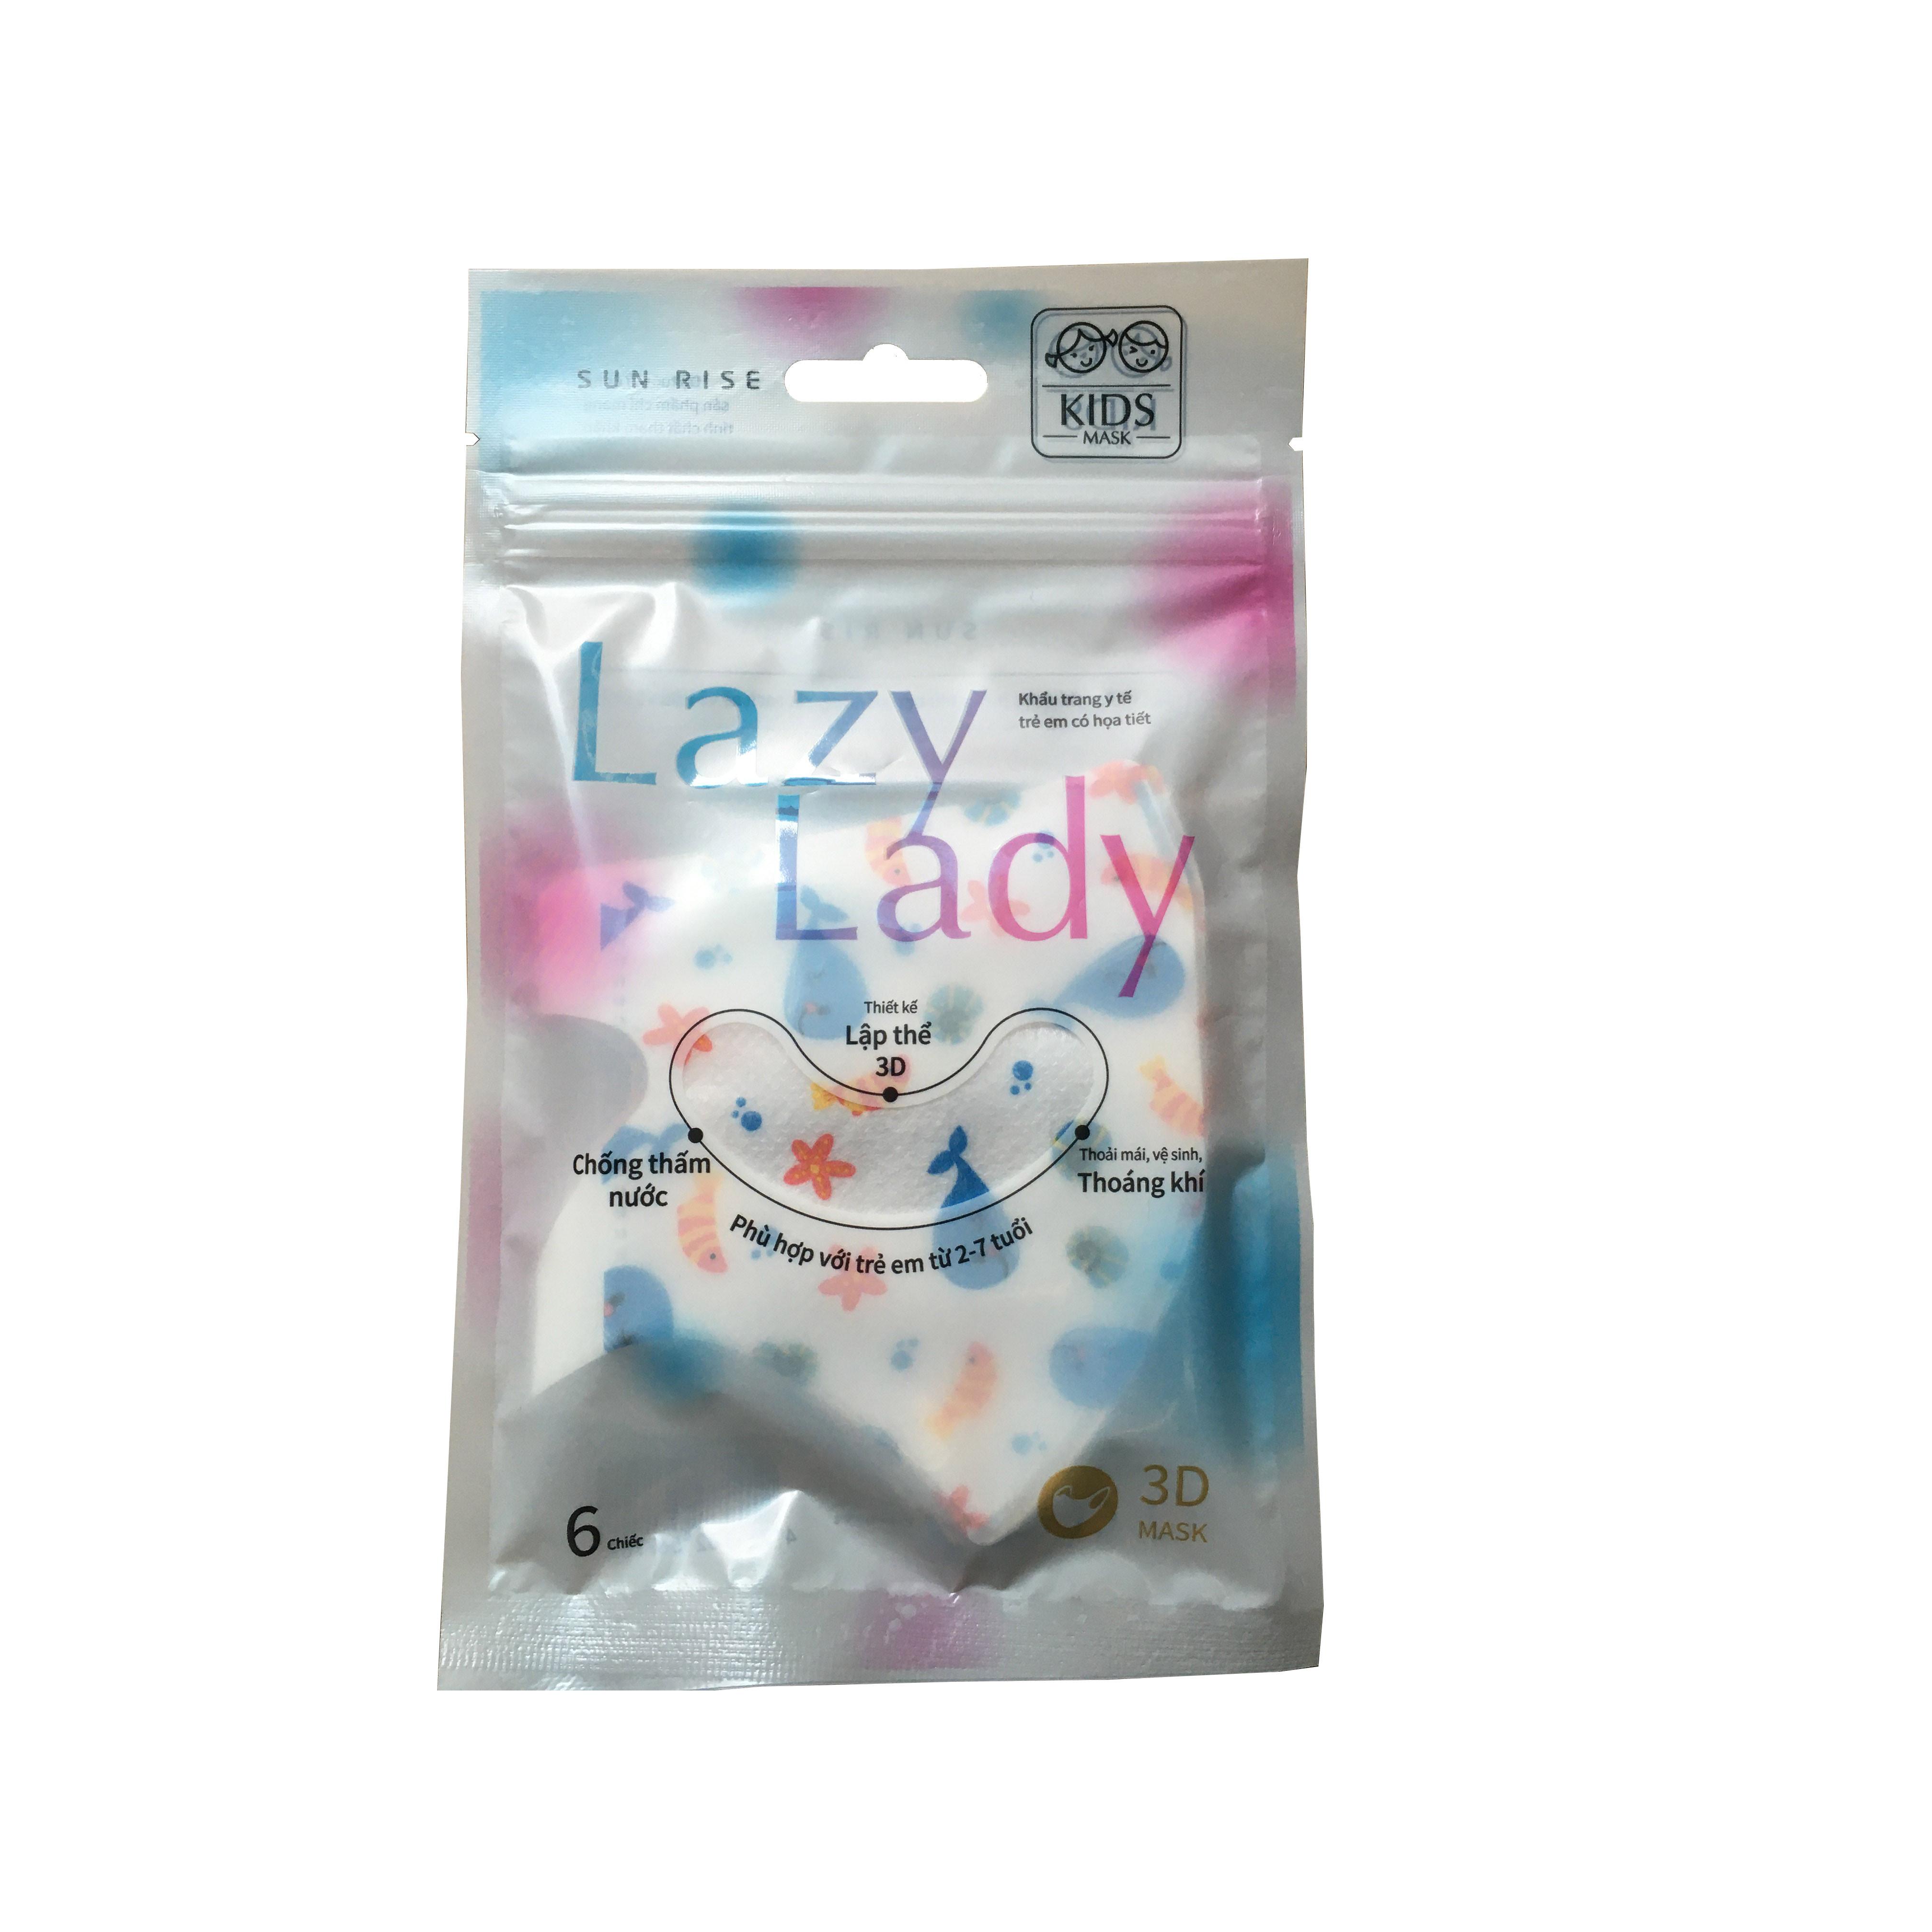 Khẩu trang y tế trẻ em Lazy Lady 3DChống bụi, chống vi khuẩn đạt tiêu chuẩn y tế Âu Mỹ, Nhập khẩu Đài Loan   6 cái túi